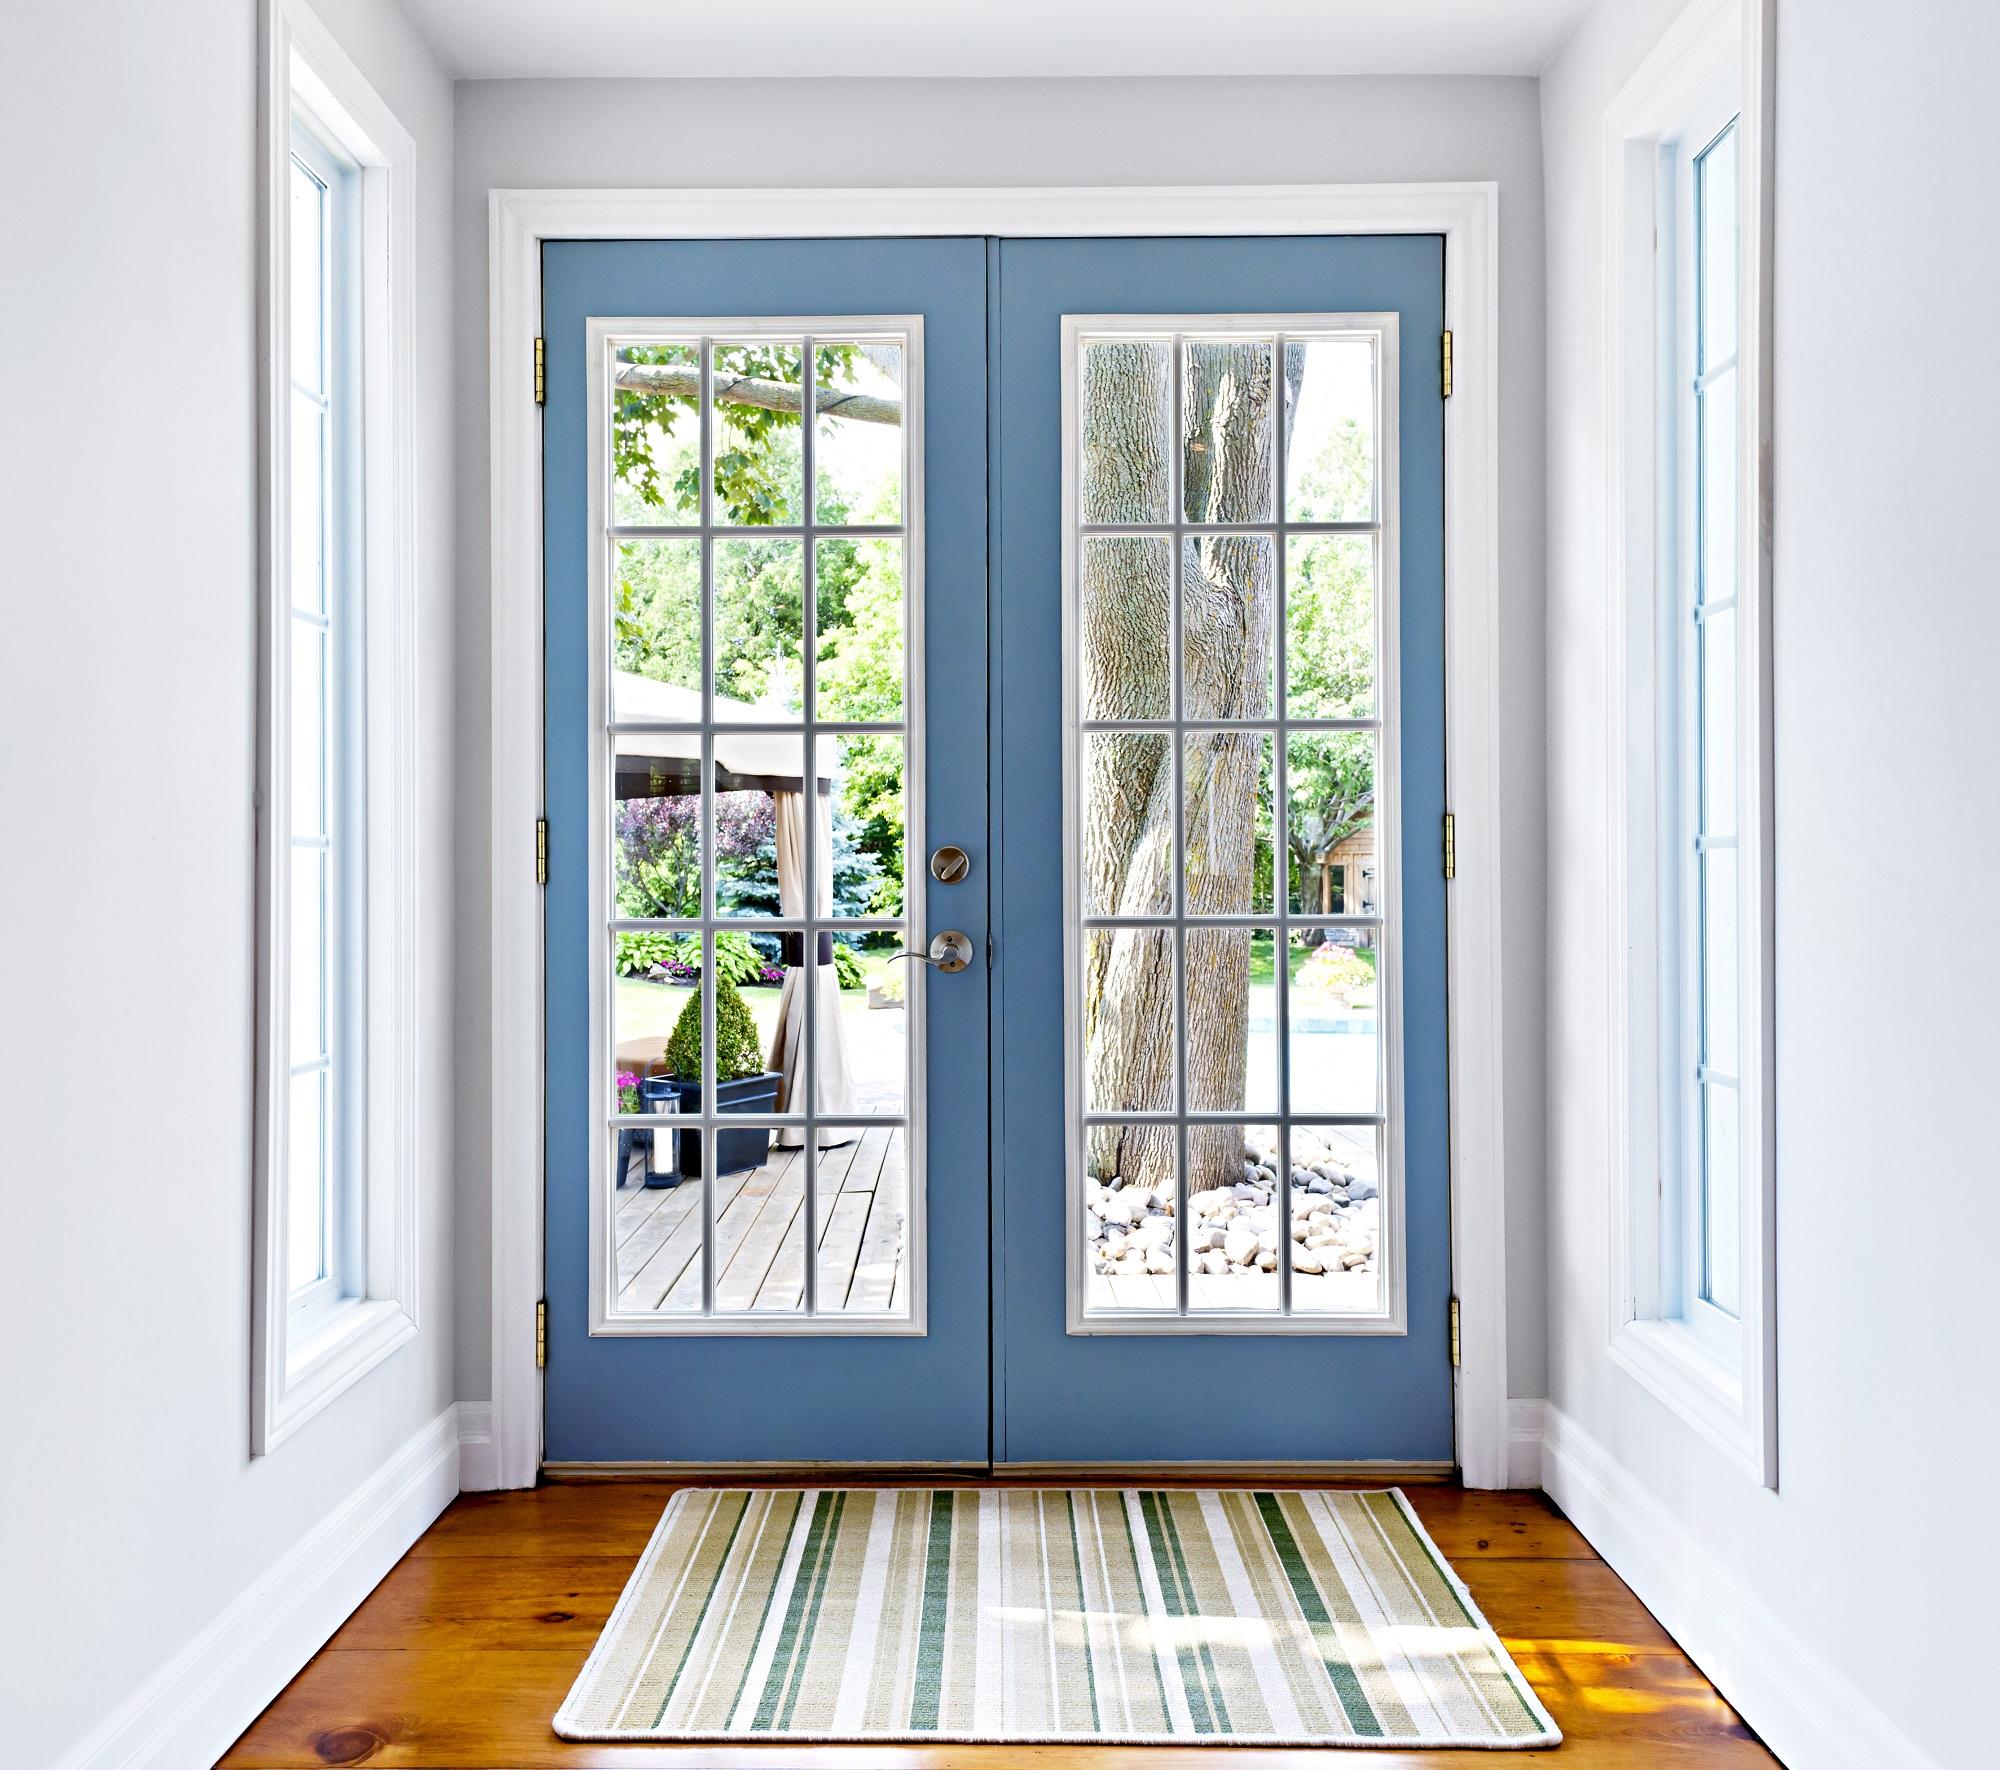 Améliorez l'isolation de votre maison avec les bonnes fenêtres 10